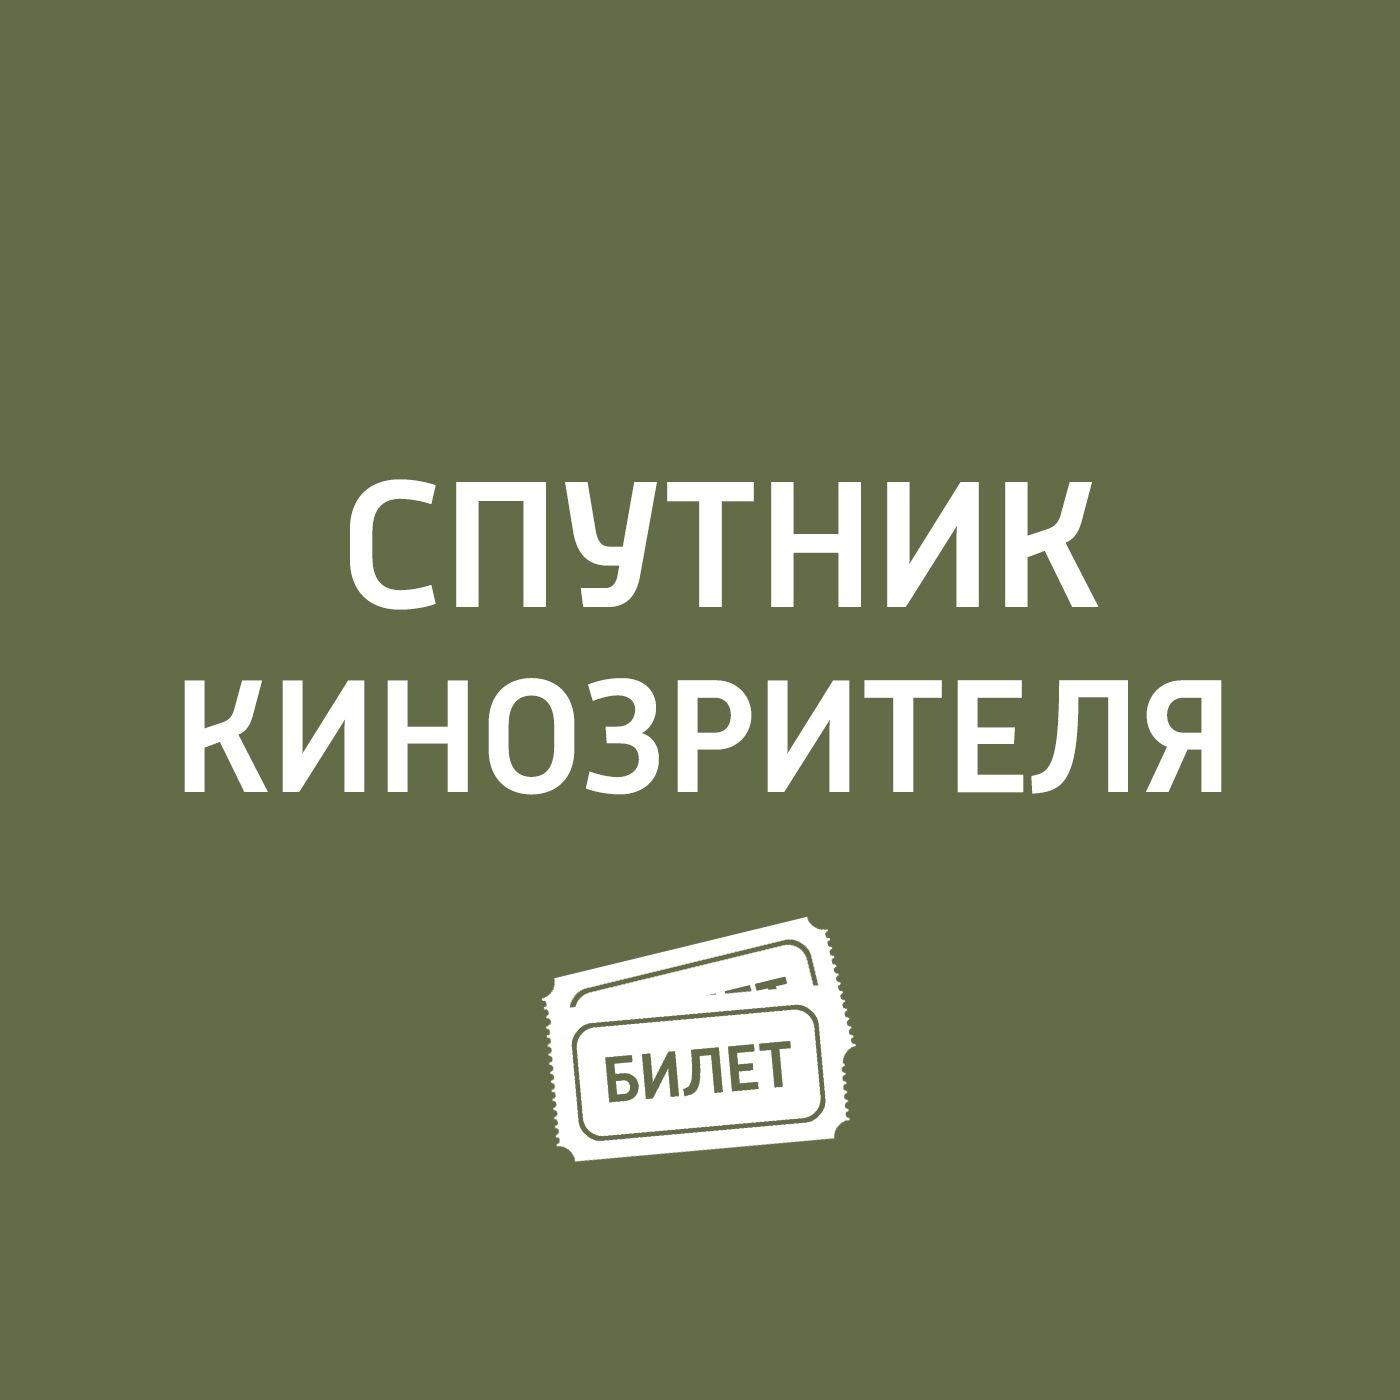 Антон Долин Антон Долин о Берлинале-2019